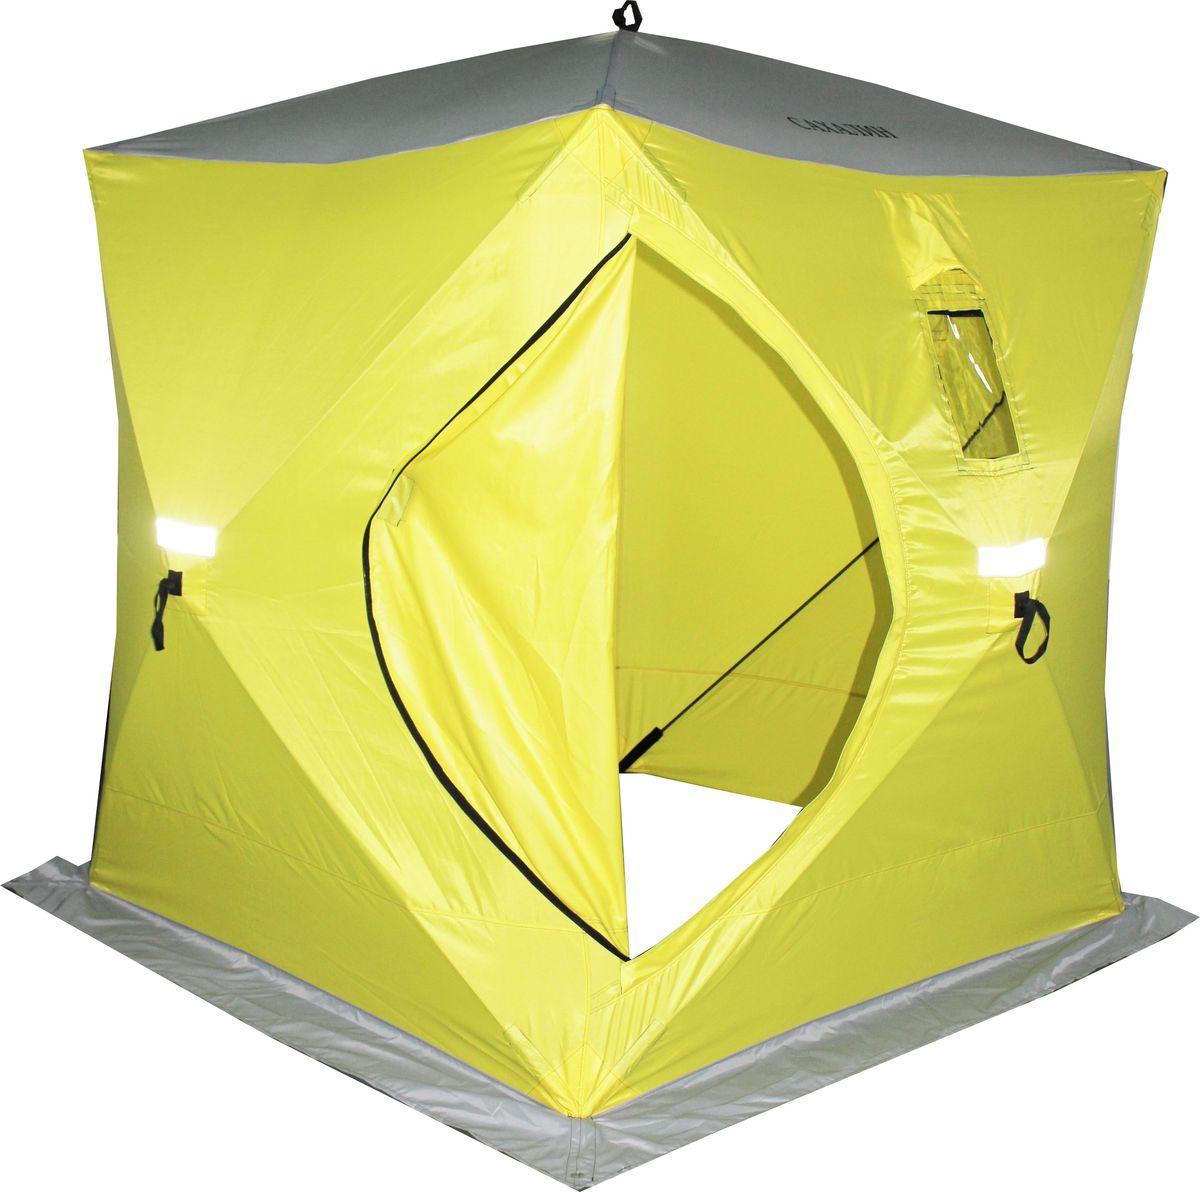 Палатка зимняя Prival Сахалин, 4-местная, цвет: желтый, серый, 180 х 180 х 200 см